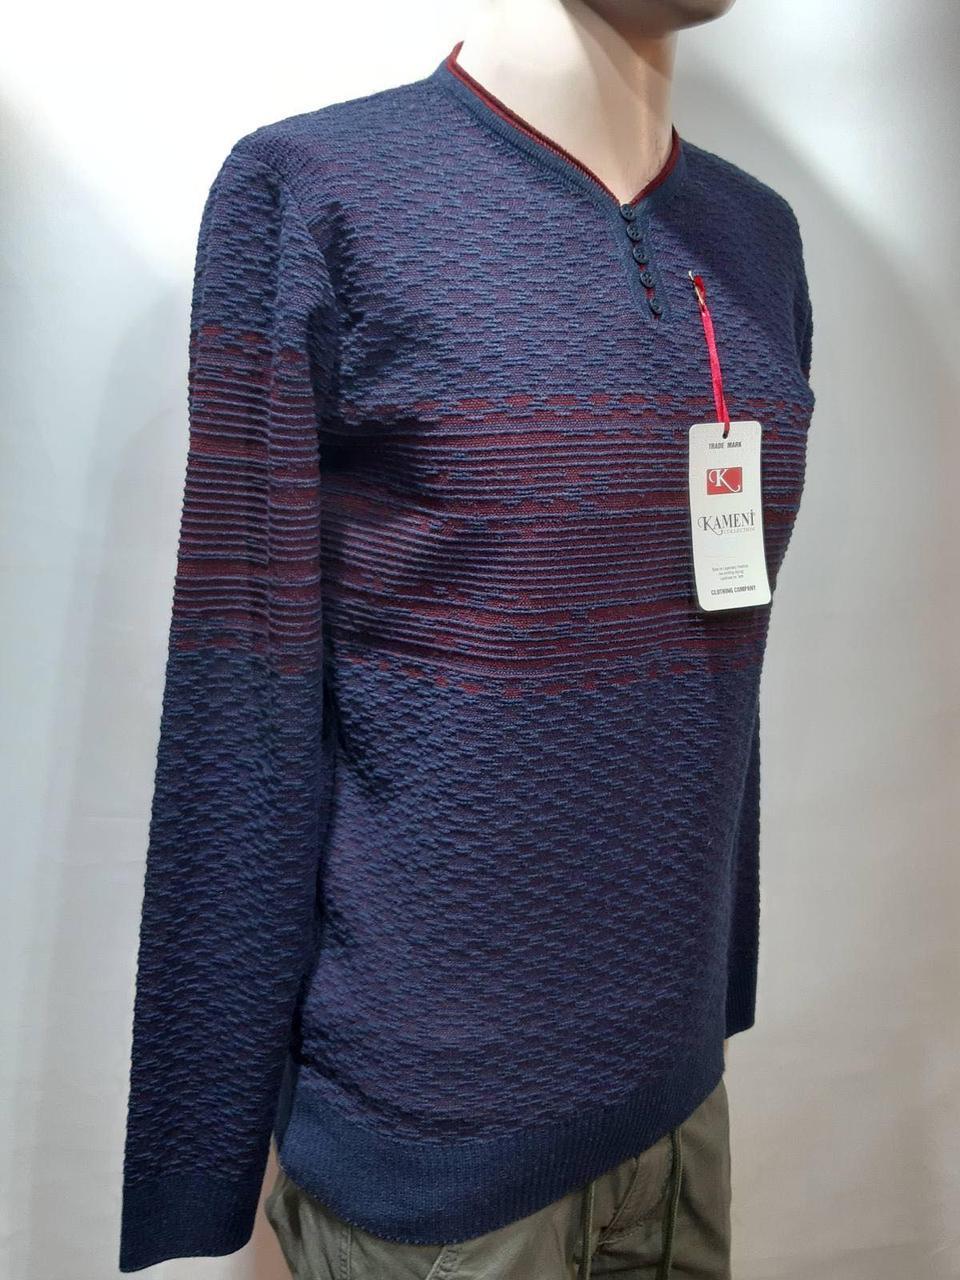 Мужской шерстяной свитер батник р. Л Kameni кофта отличного качества Турция Синий последний